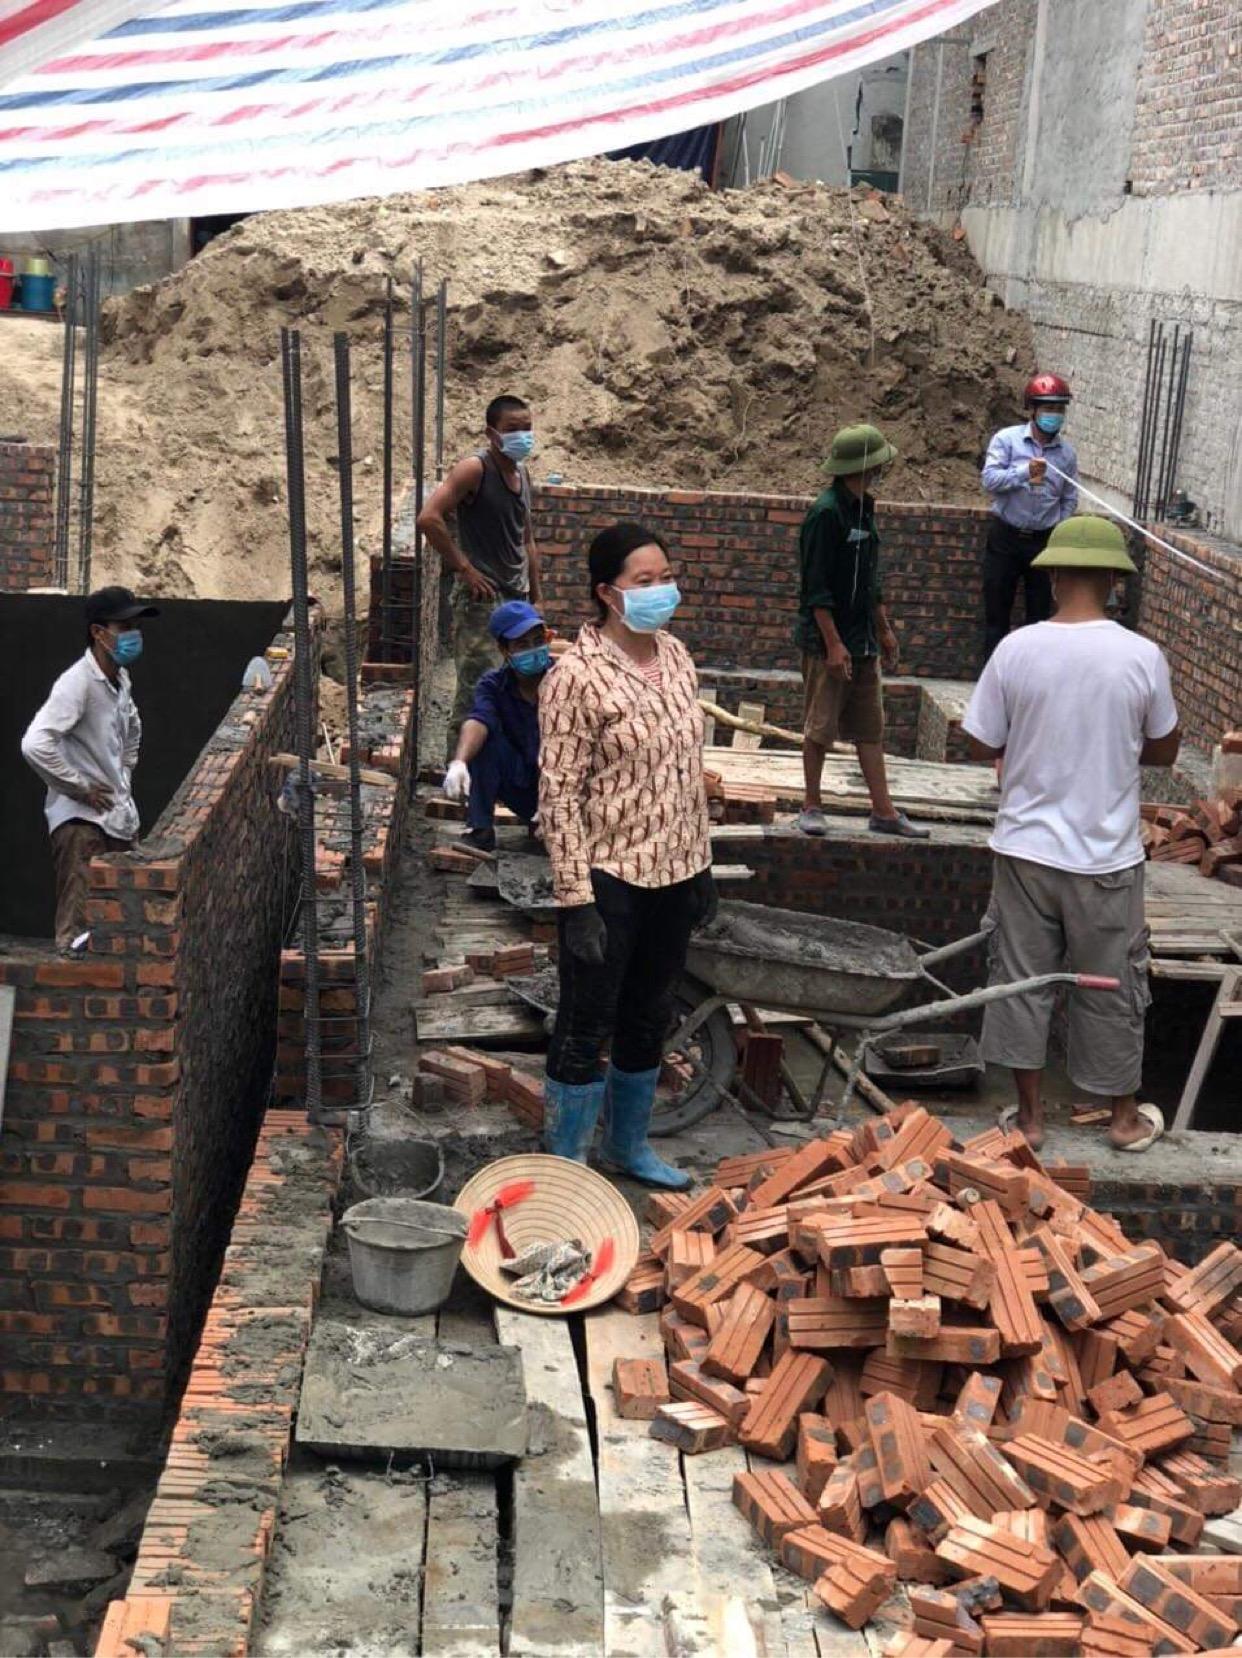 Sở Xây dựng Hà Nội triển khai nhiệm vụ cấp bách trong công tác phòng, chống dịch Covid-19